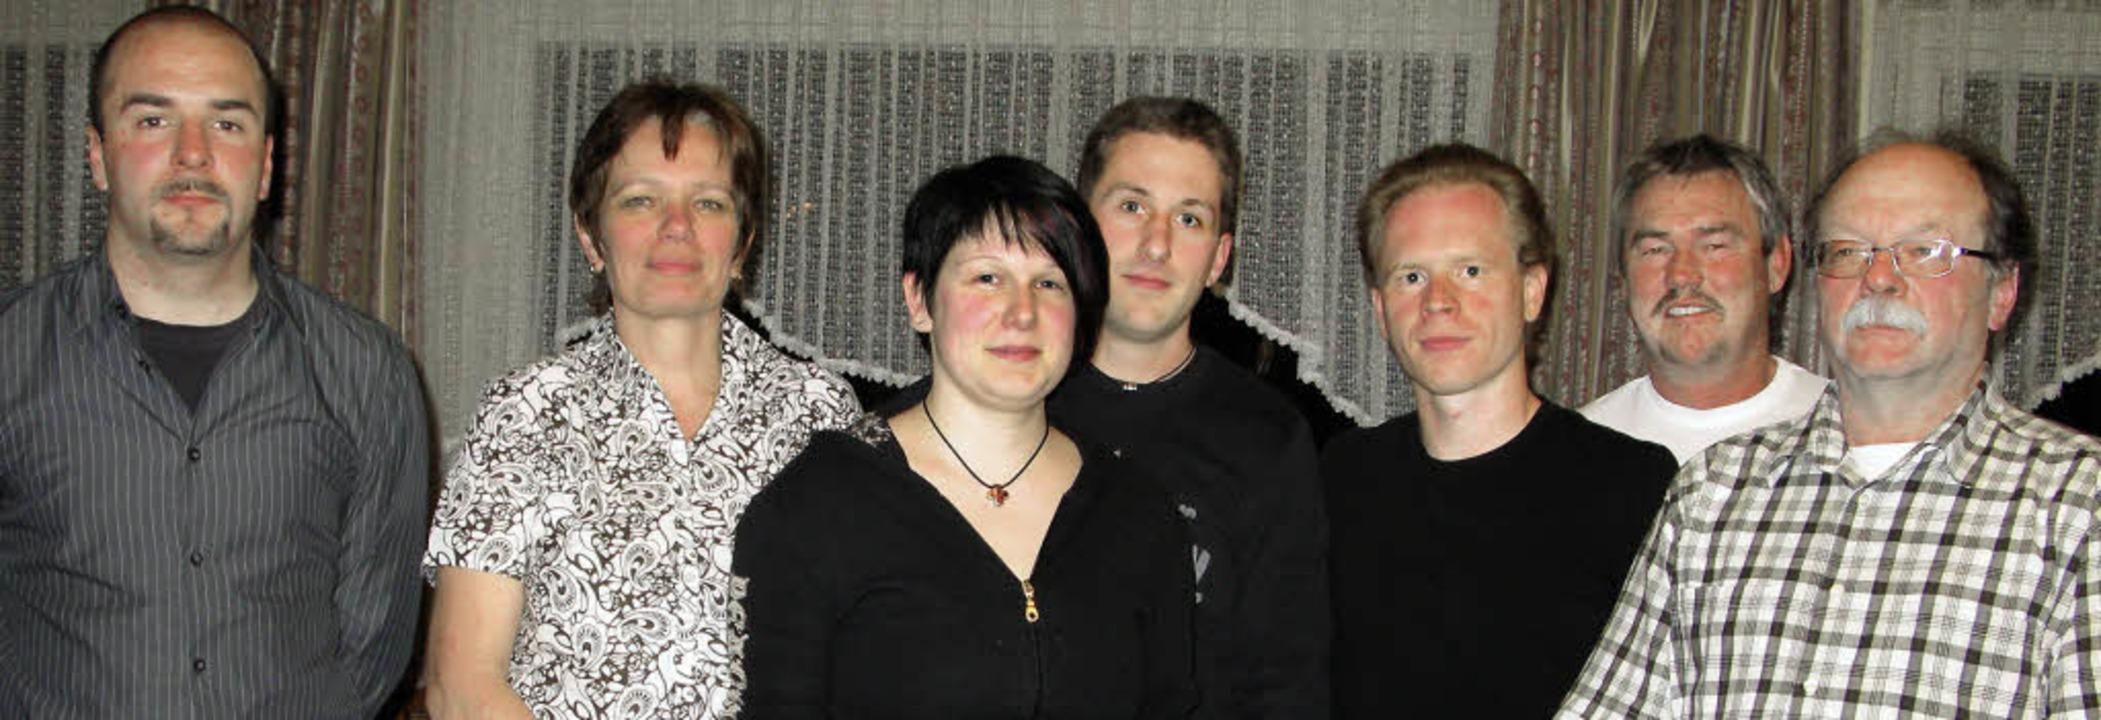 Das Vorstandteam des Harten Kerns Bern..., Christoph Köpfer und Martin Albiez.   | Foto: Ulrike Spiegelhalter